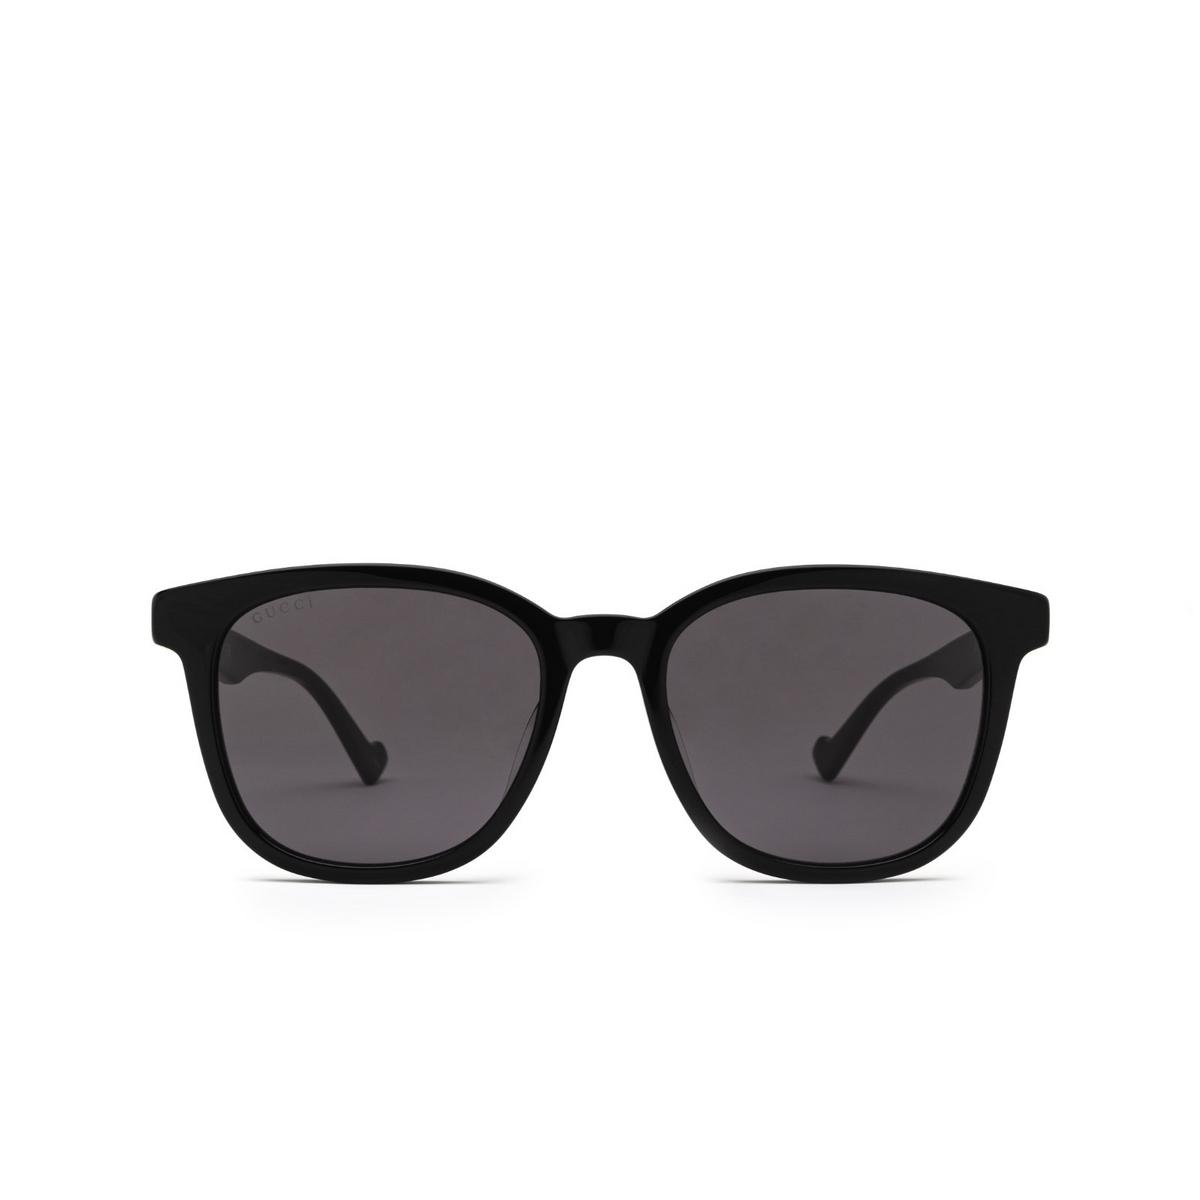 Gucci® Square Sunglasses: GG1001SK color Black 001 - front view.